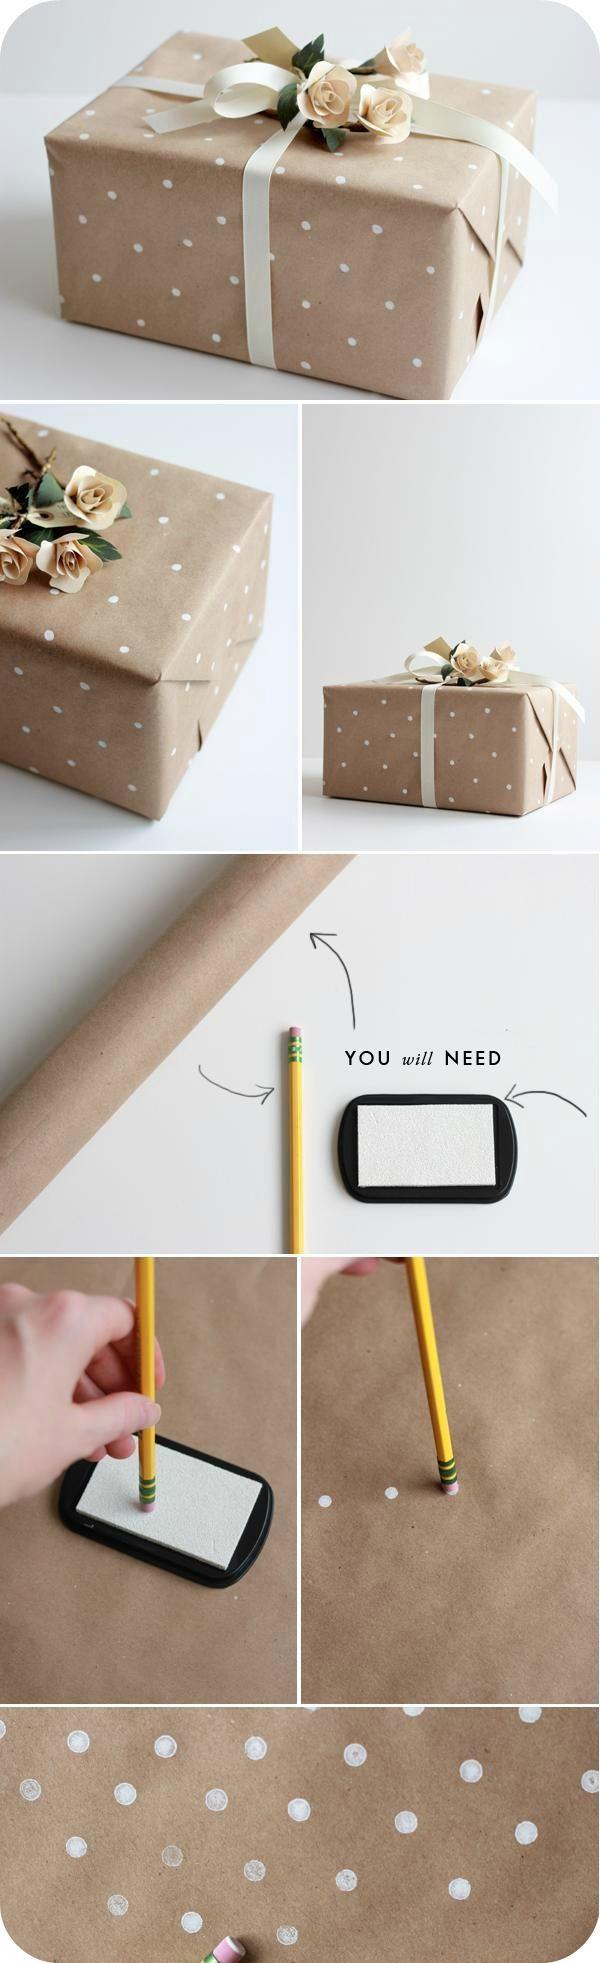 Paquet cadeau DIY tampon papier kraft